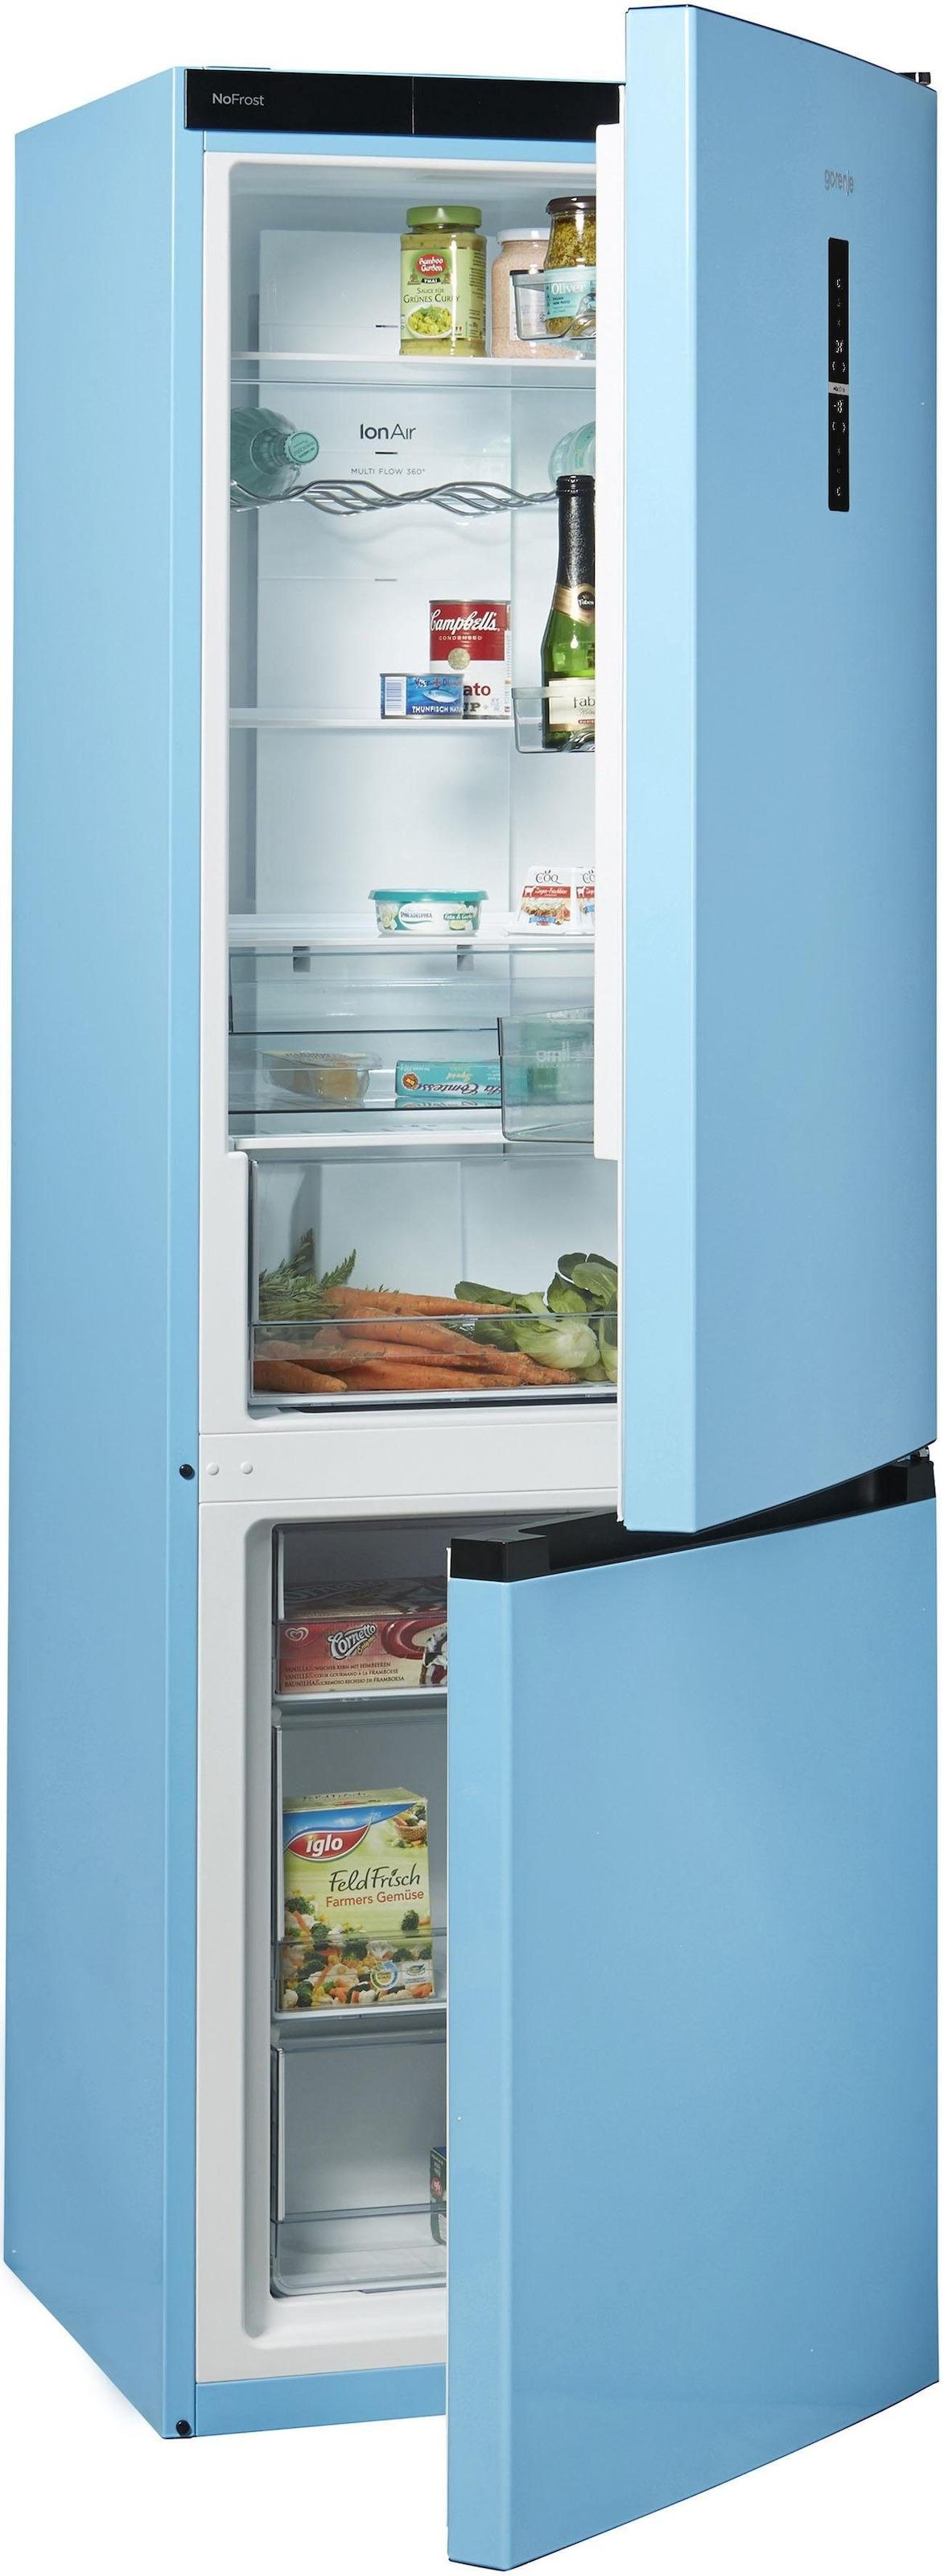 Gorenje Kühlschrank Vw Preis : Vw vw kühlschrank gefrierschrank gebraucht kaufen ebay